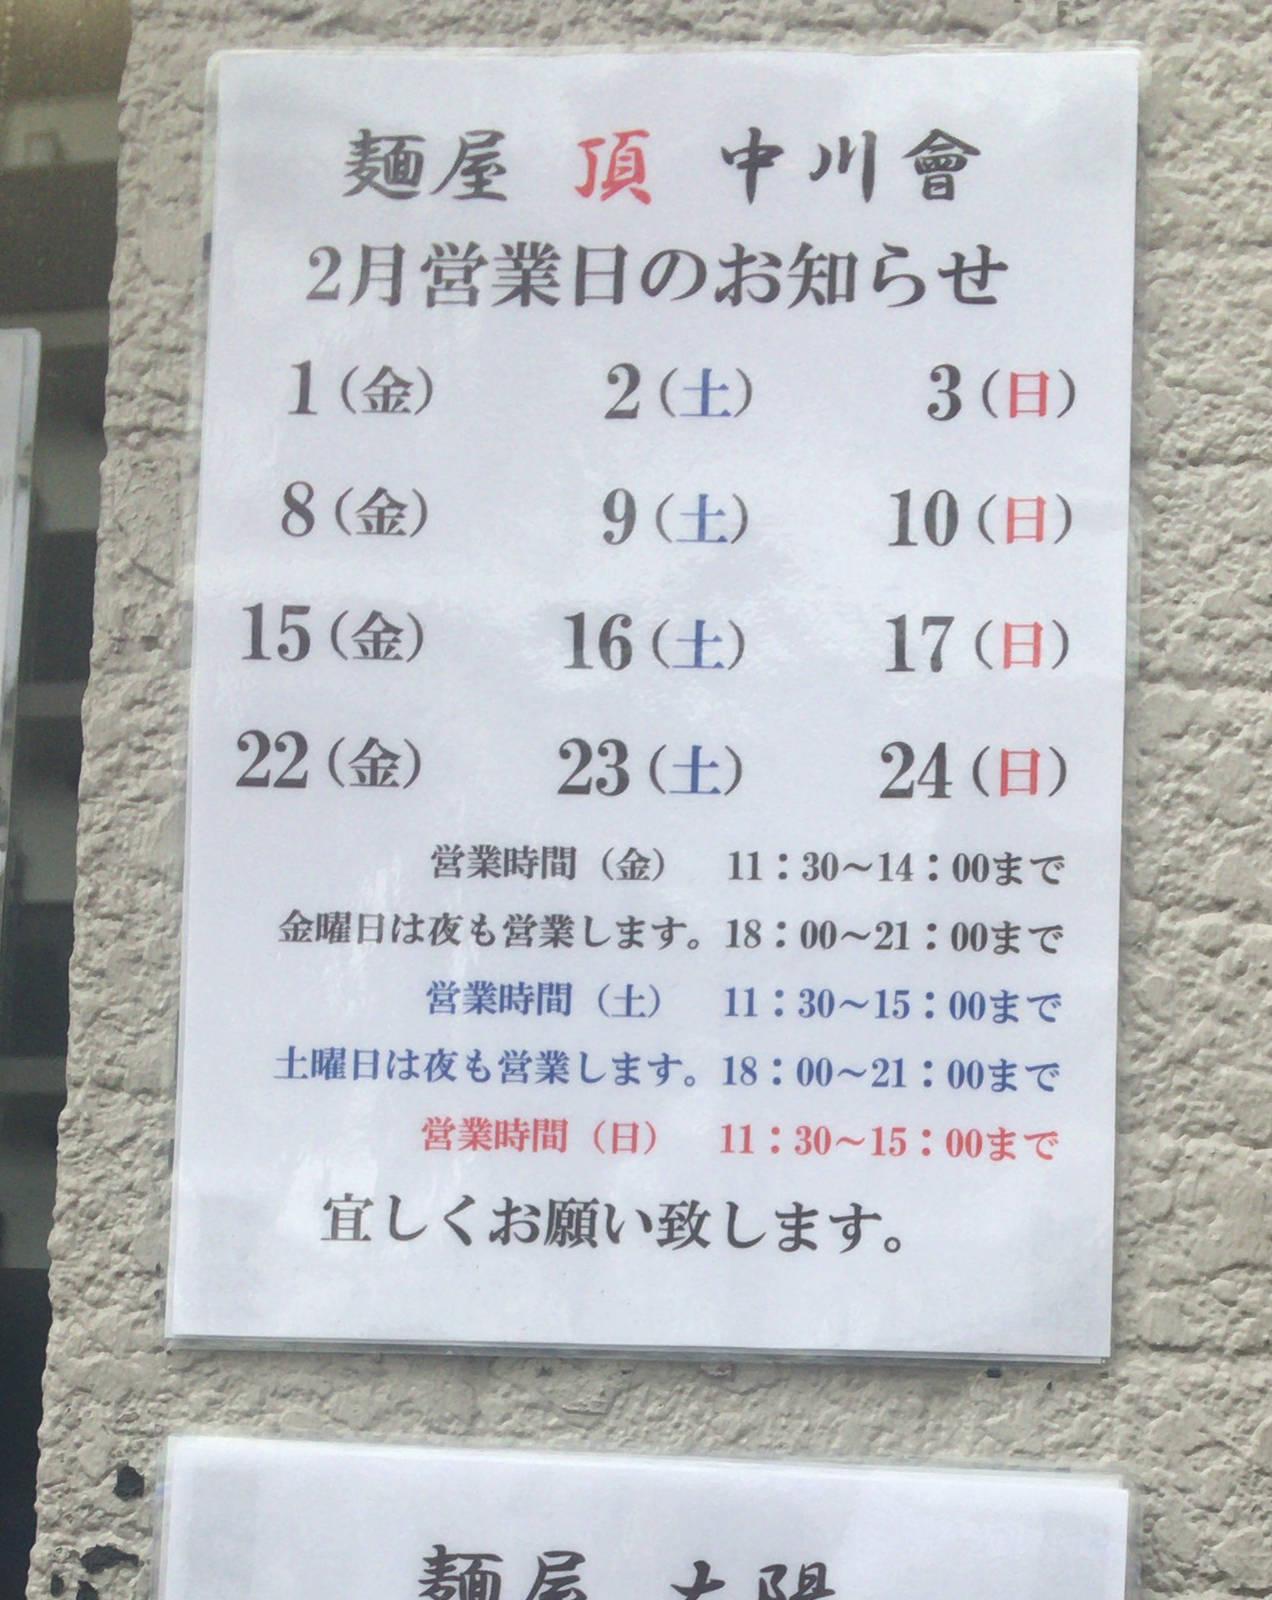 麺屋頂中川會(東武曳舟駅・京成曳舟駅近く)